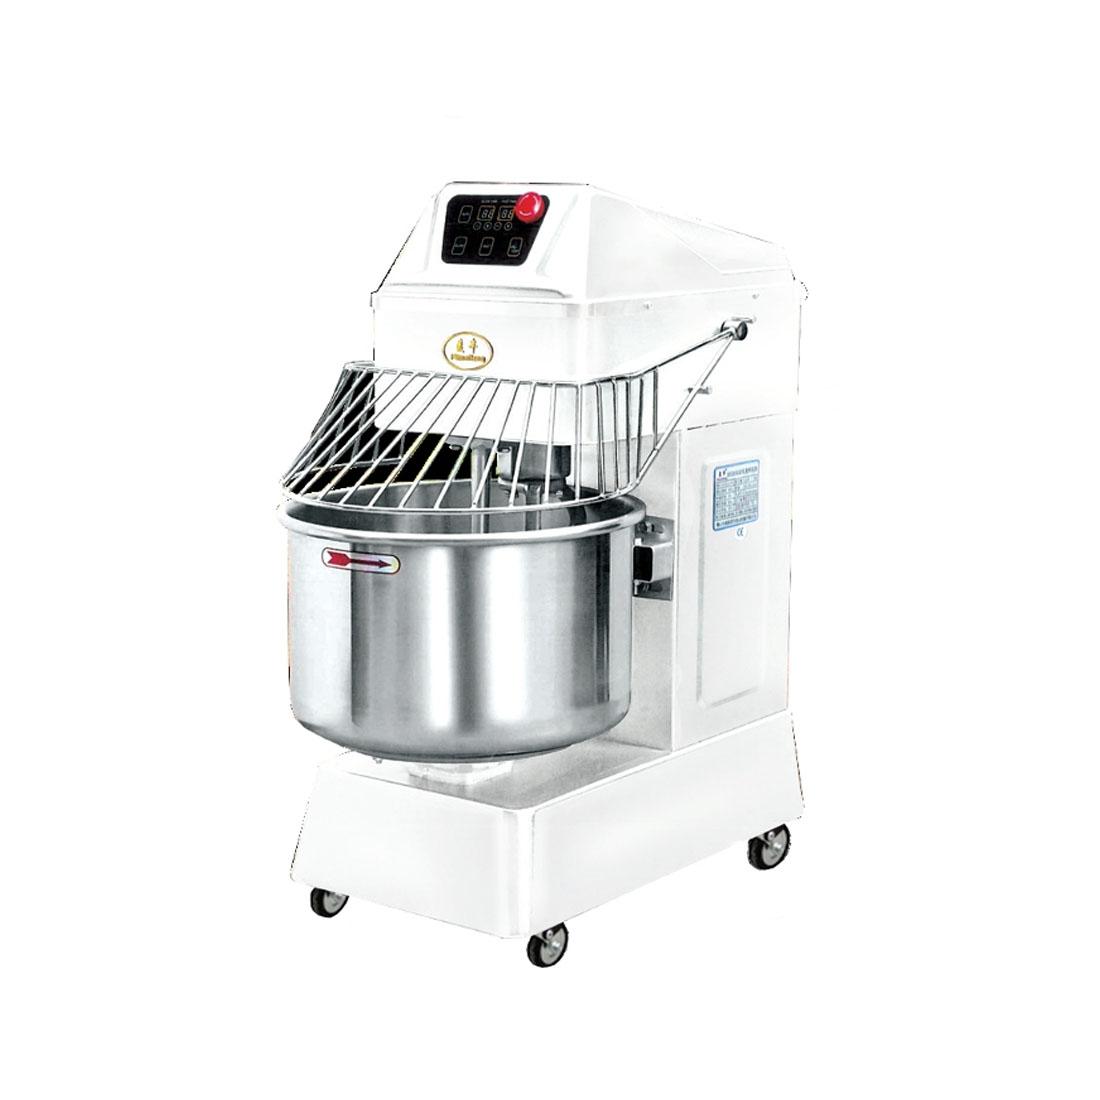 Spiral mixer single phase 130t bowl 50kg flour - FS130A